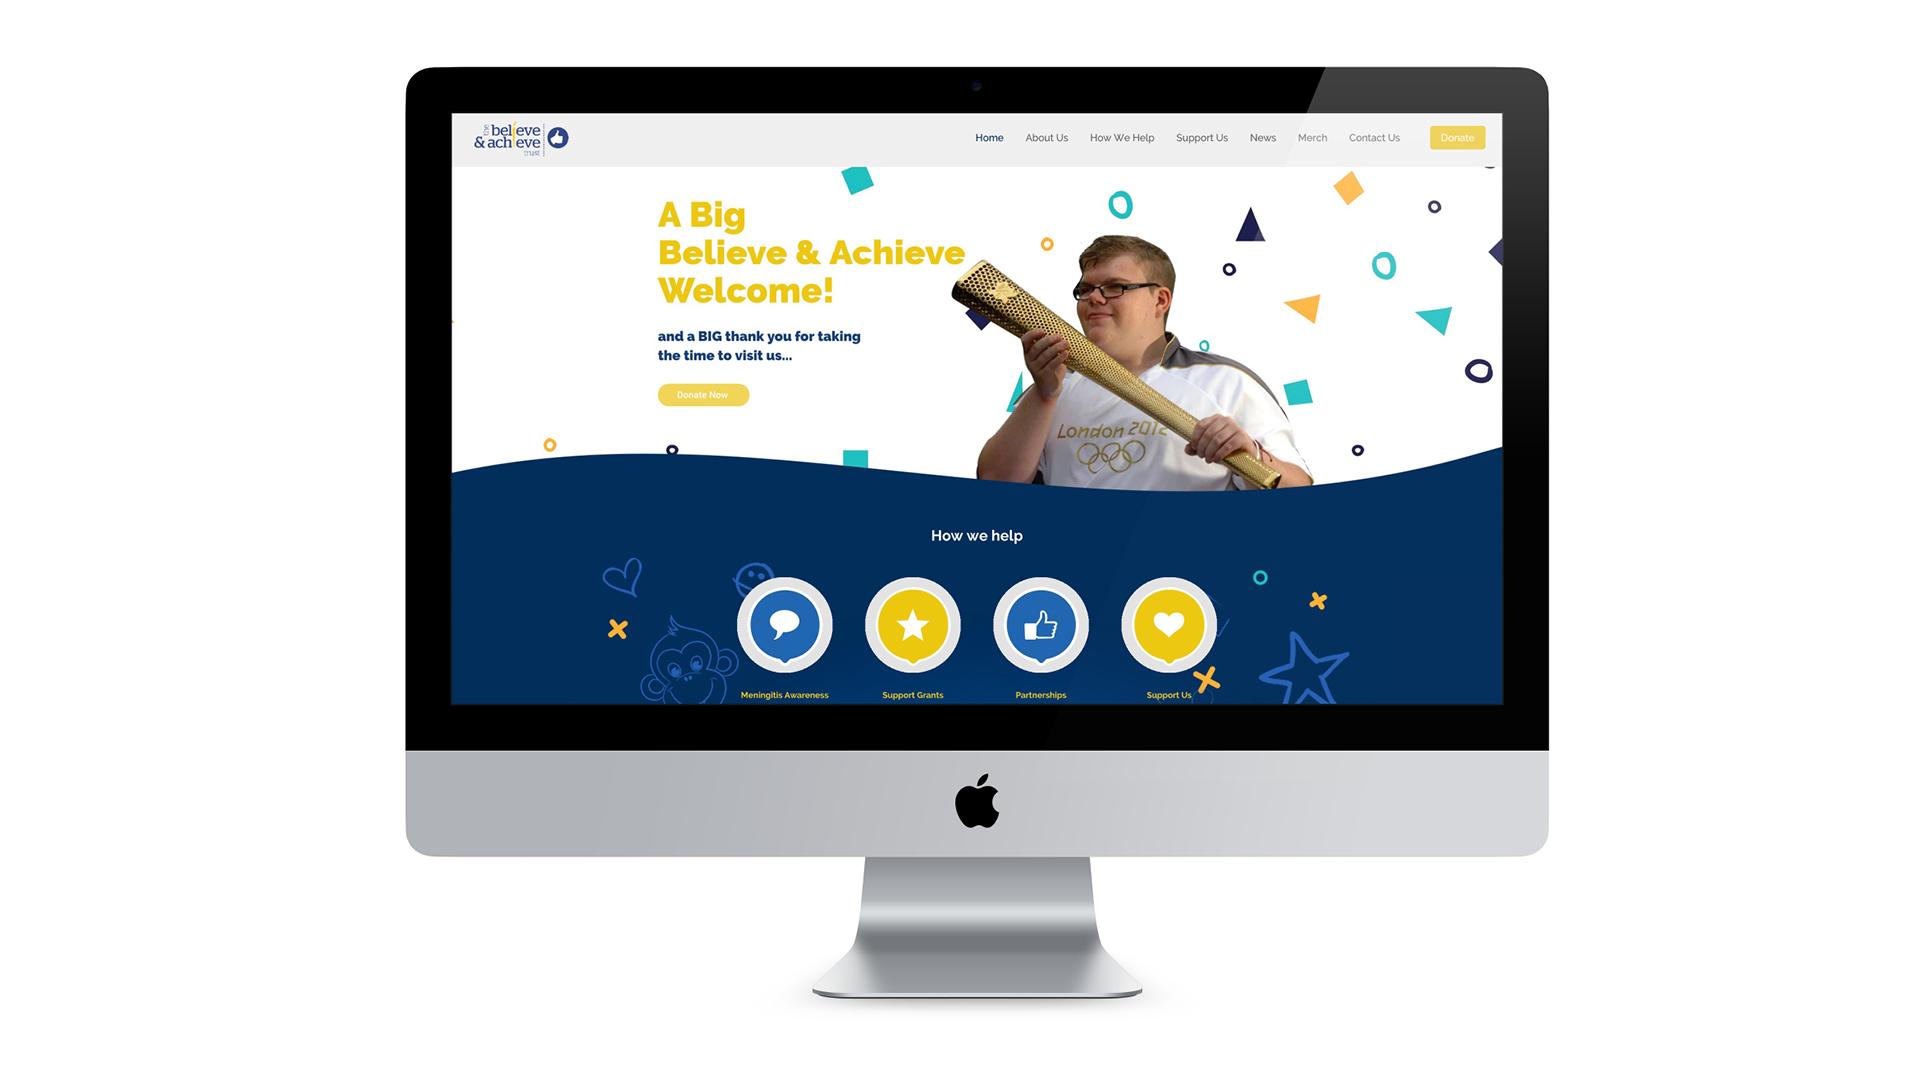 Believe & Achieve Website design shown on mac